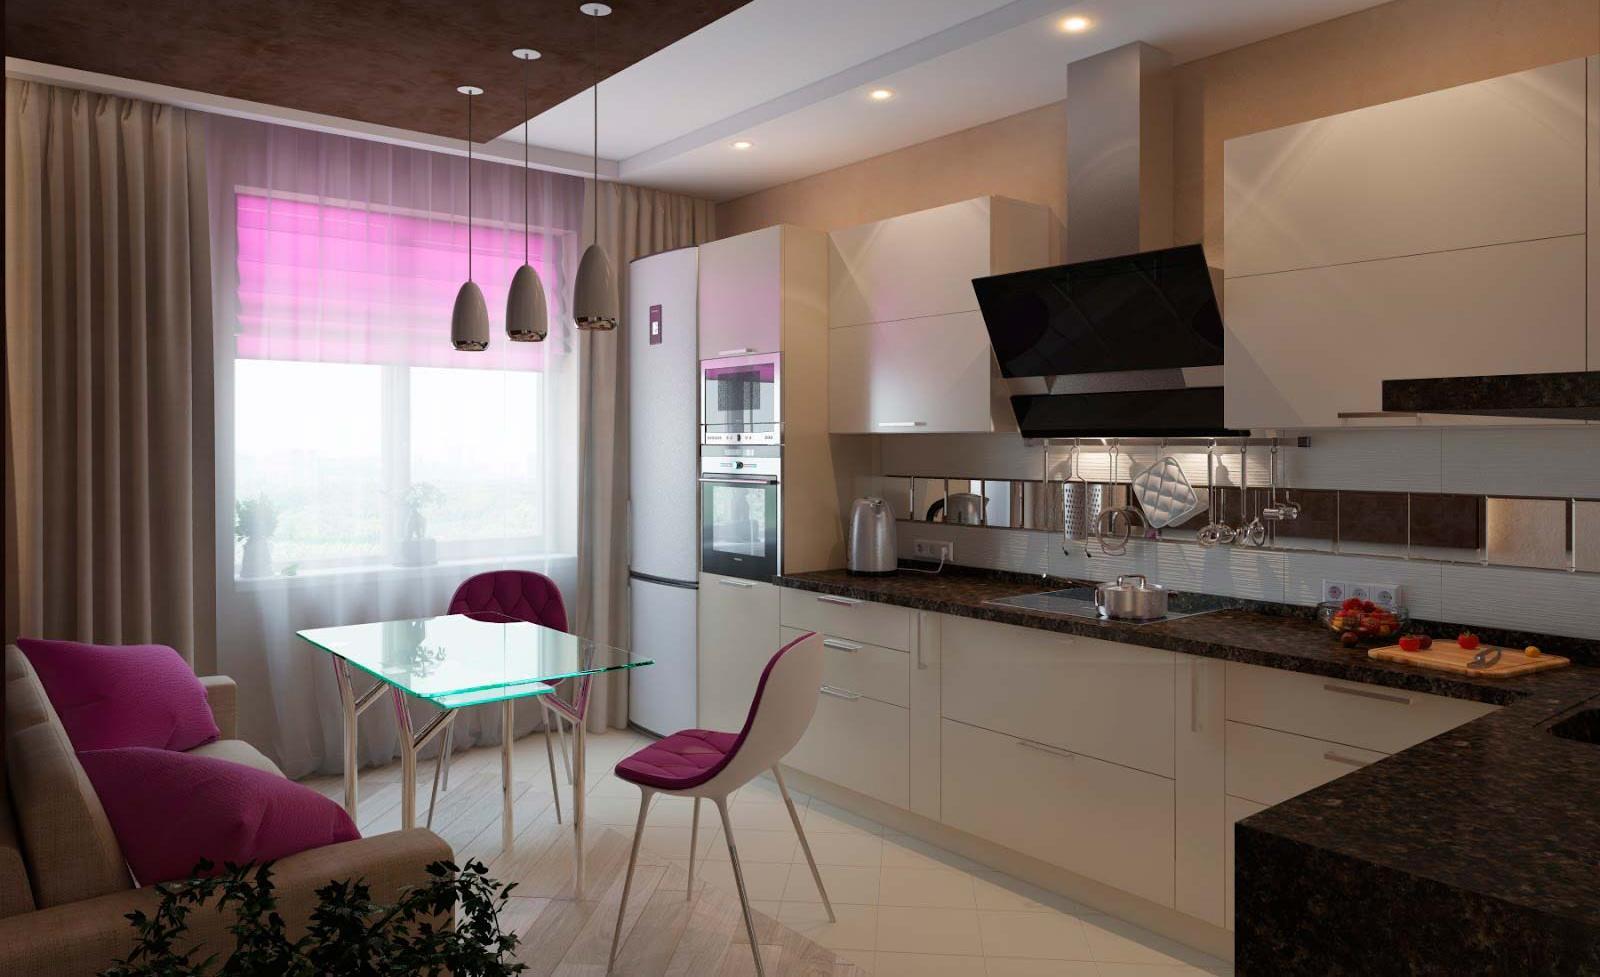 Cucina-soggiorno design 12 metri quadrati. m (50 foto ...